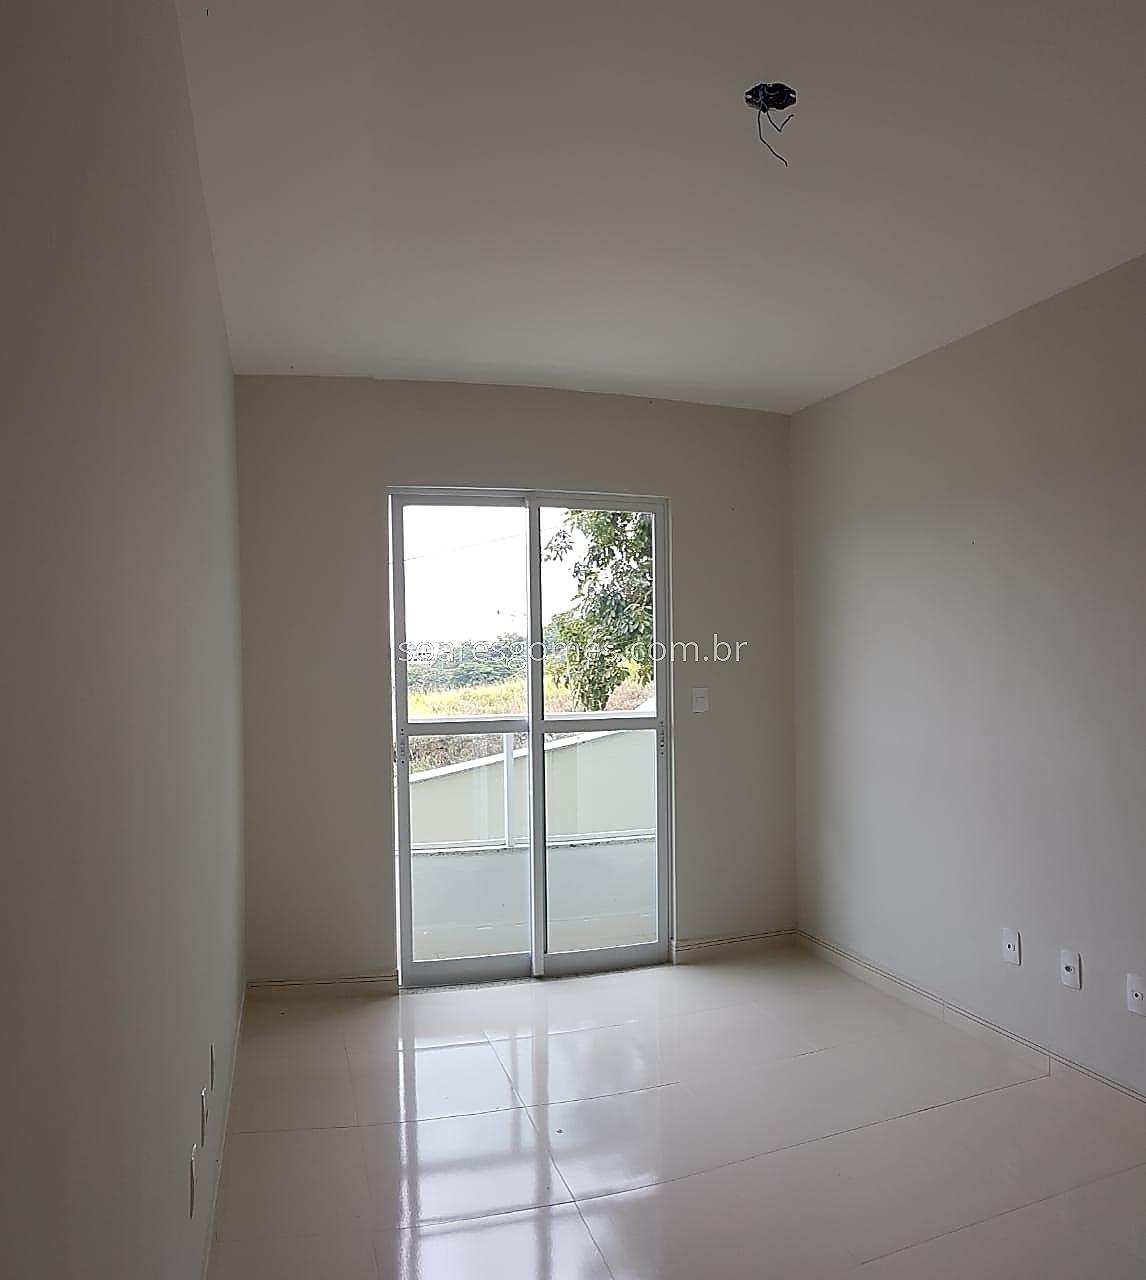 Apartamento à venda em Granbery, Juiz de Fora - MG - Foto 18